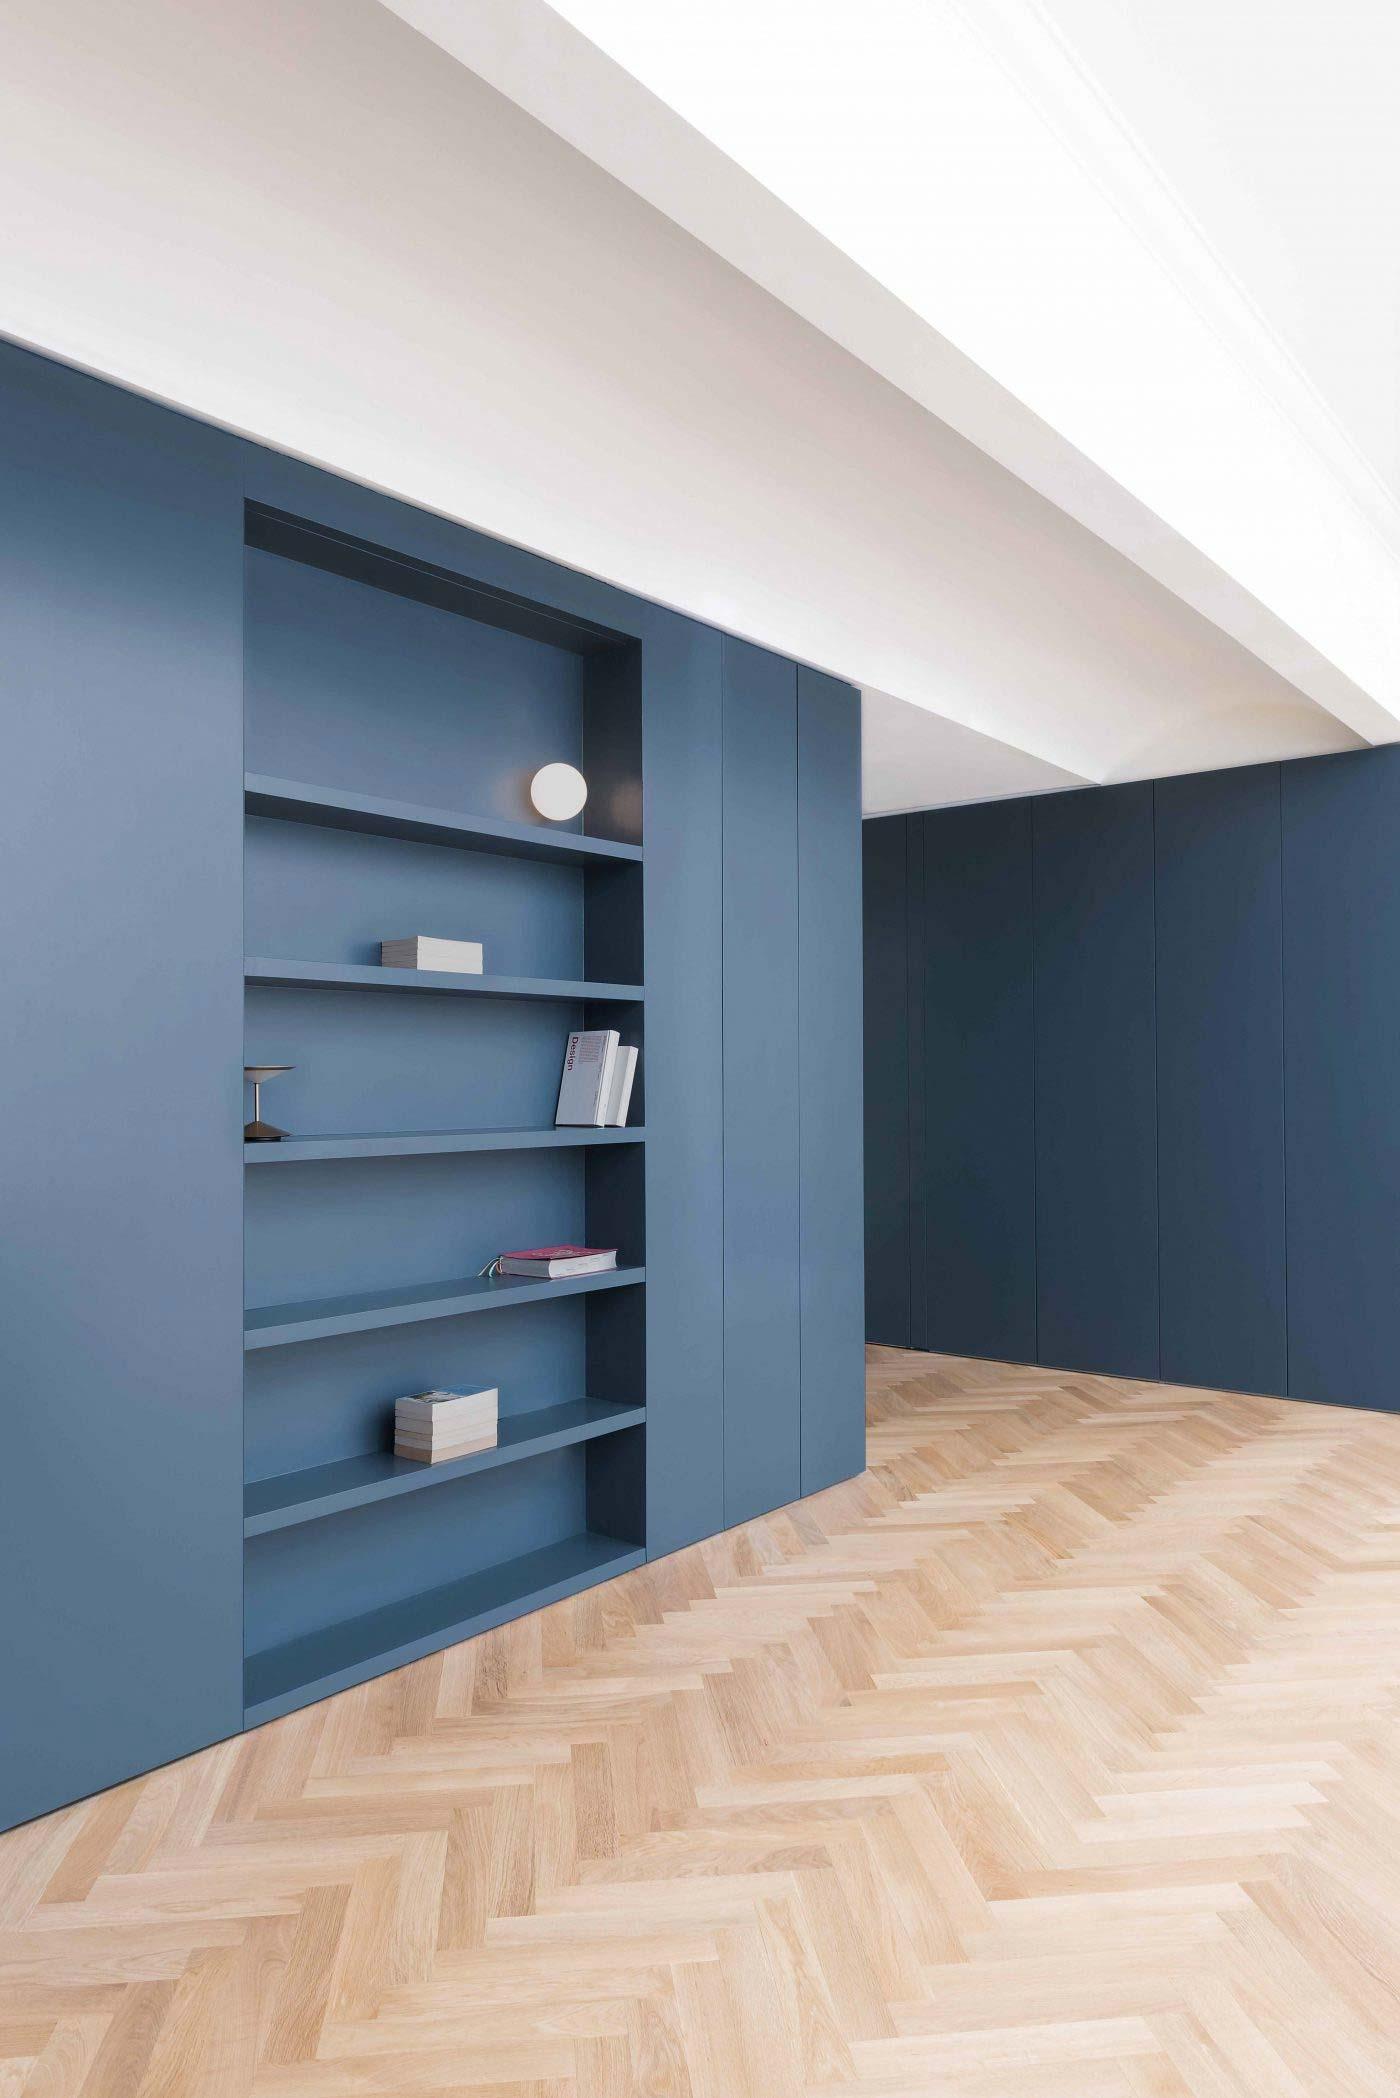 visgraat vloer blauwe muren